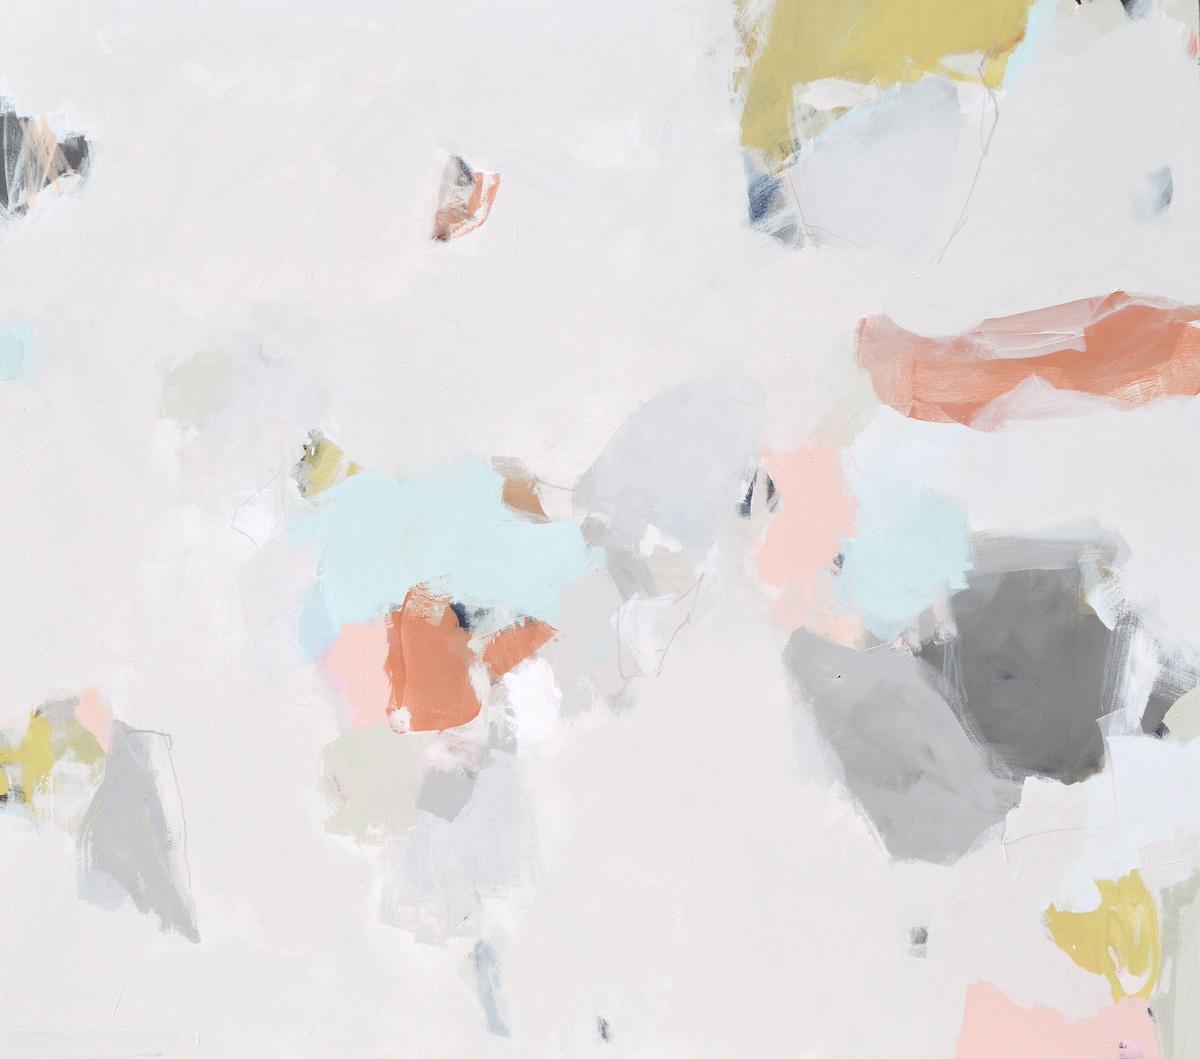 Theresa Girard abstract painting